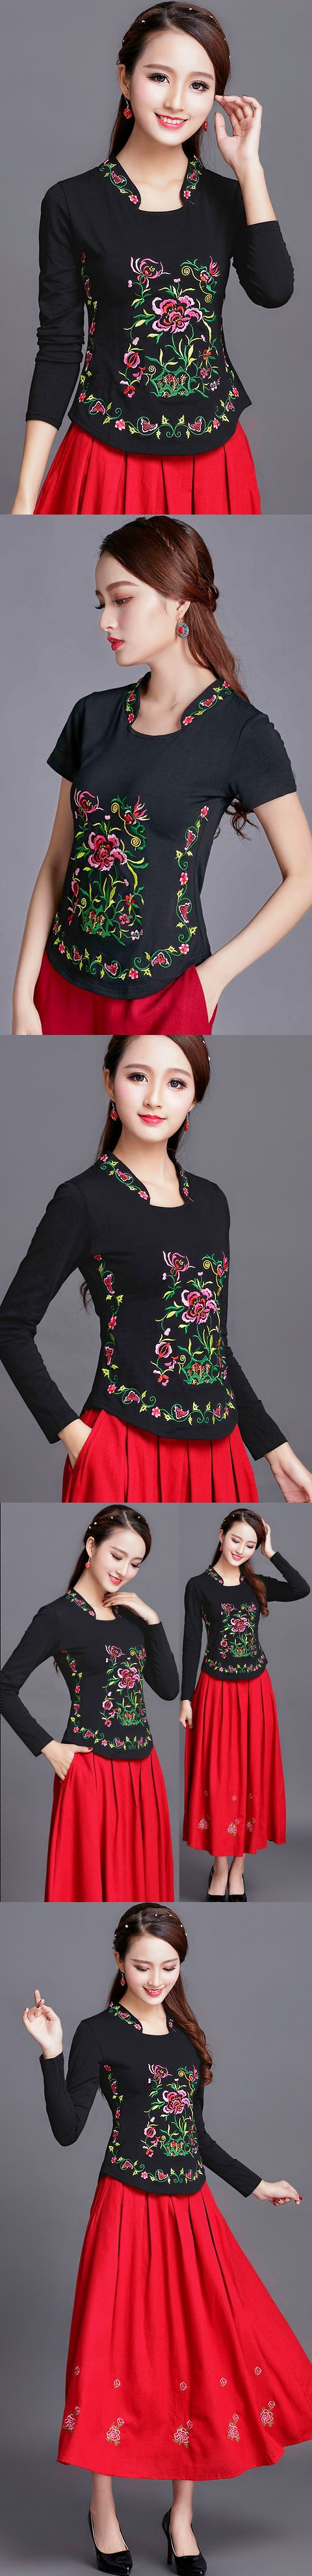 長袖民族風花卉刺繡棉質上衣(成衣)